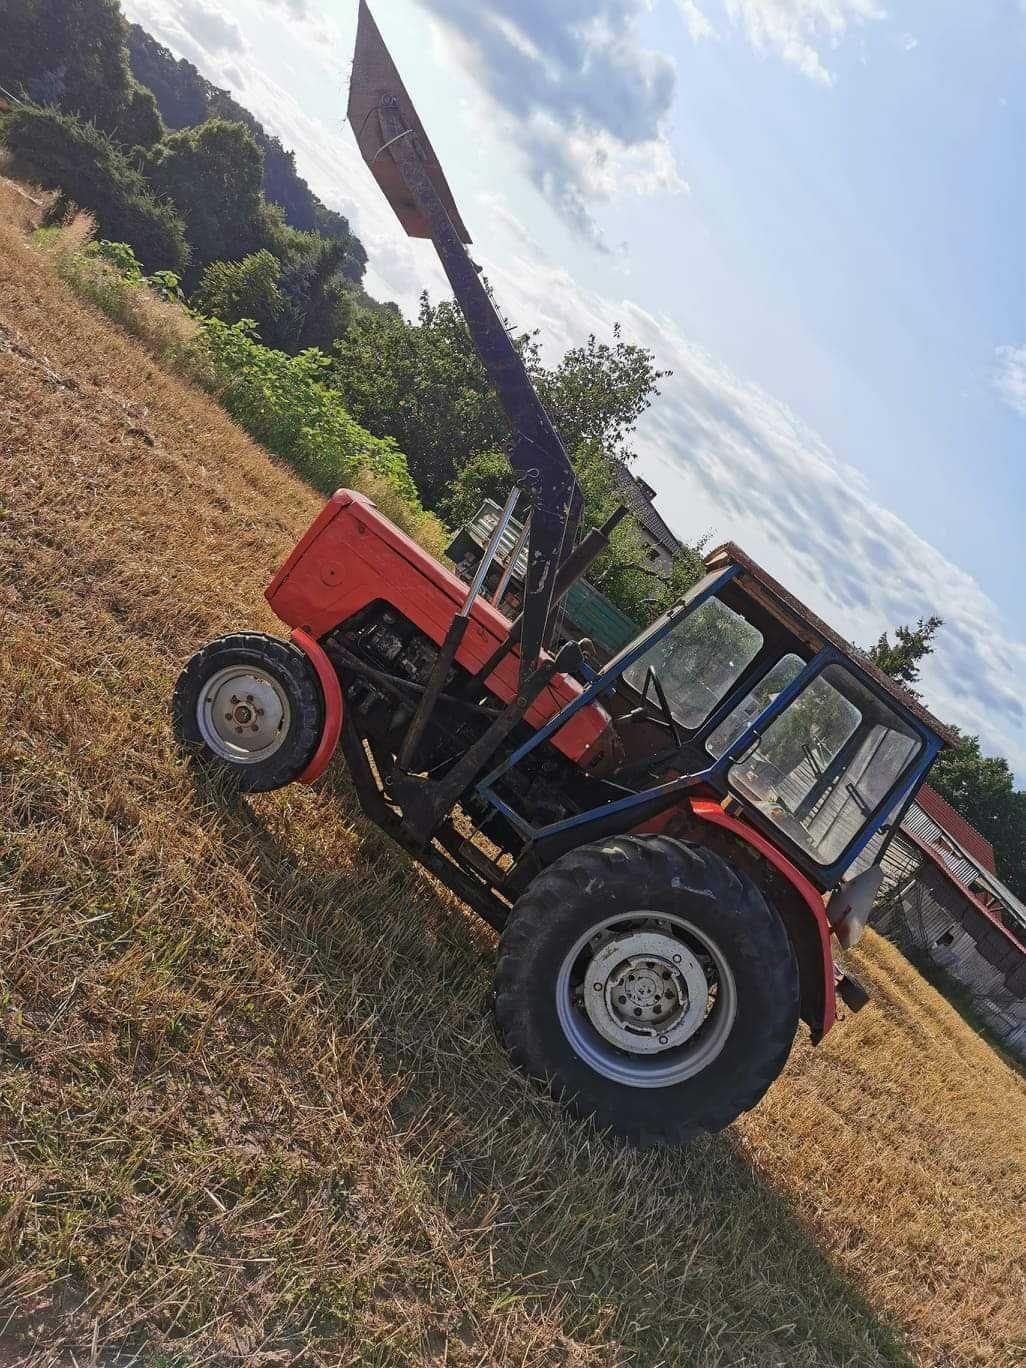 SPRZEDANY ciągnik rolniczy  Ursus c 360 z turem zamiana